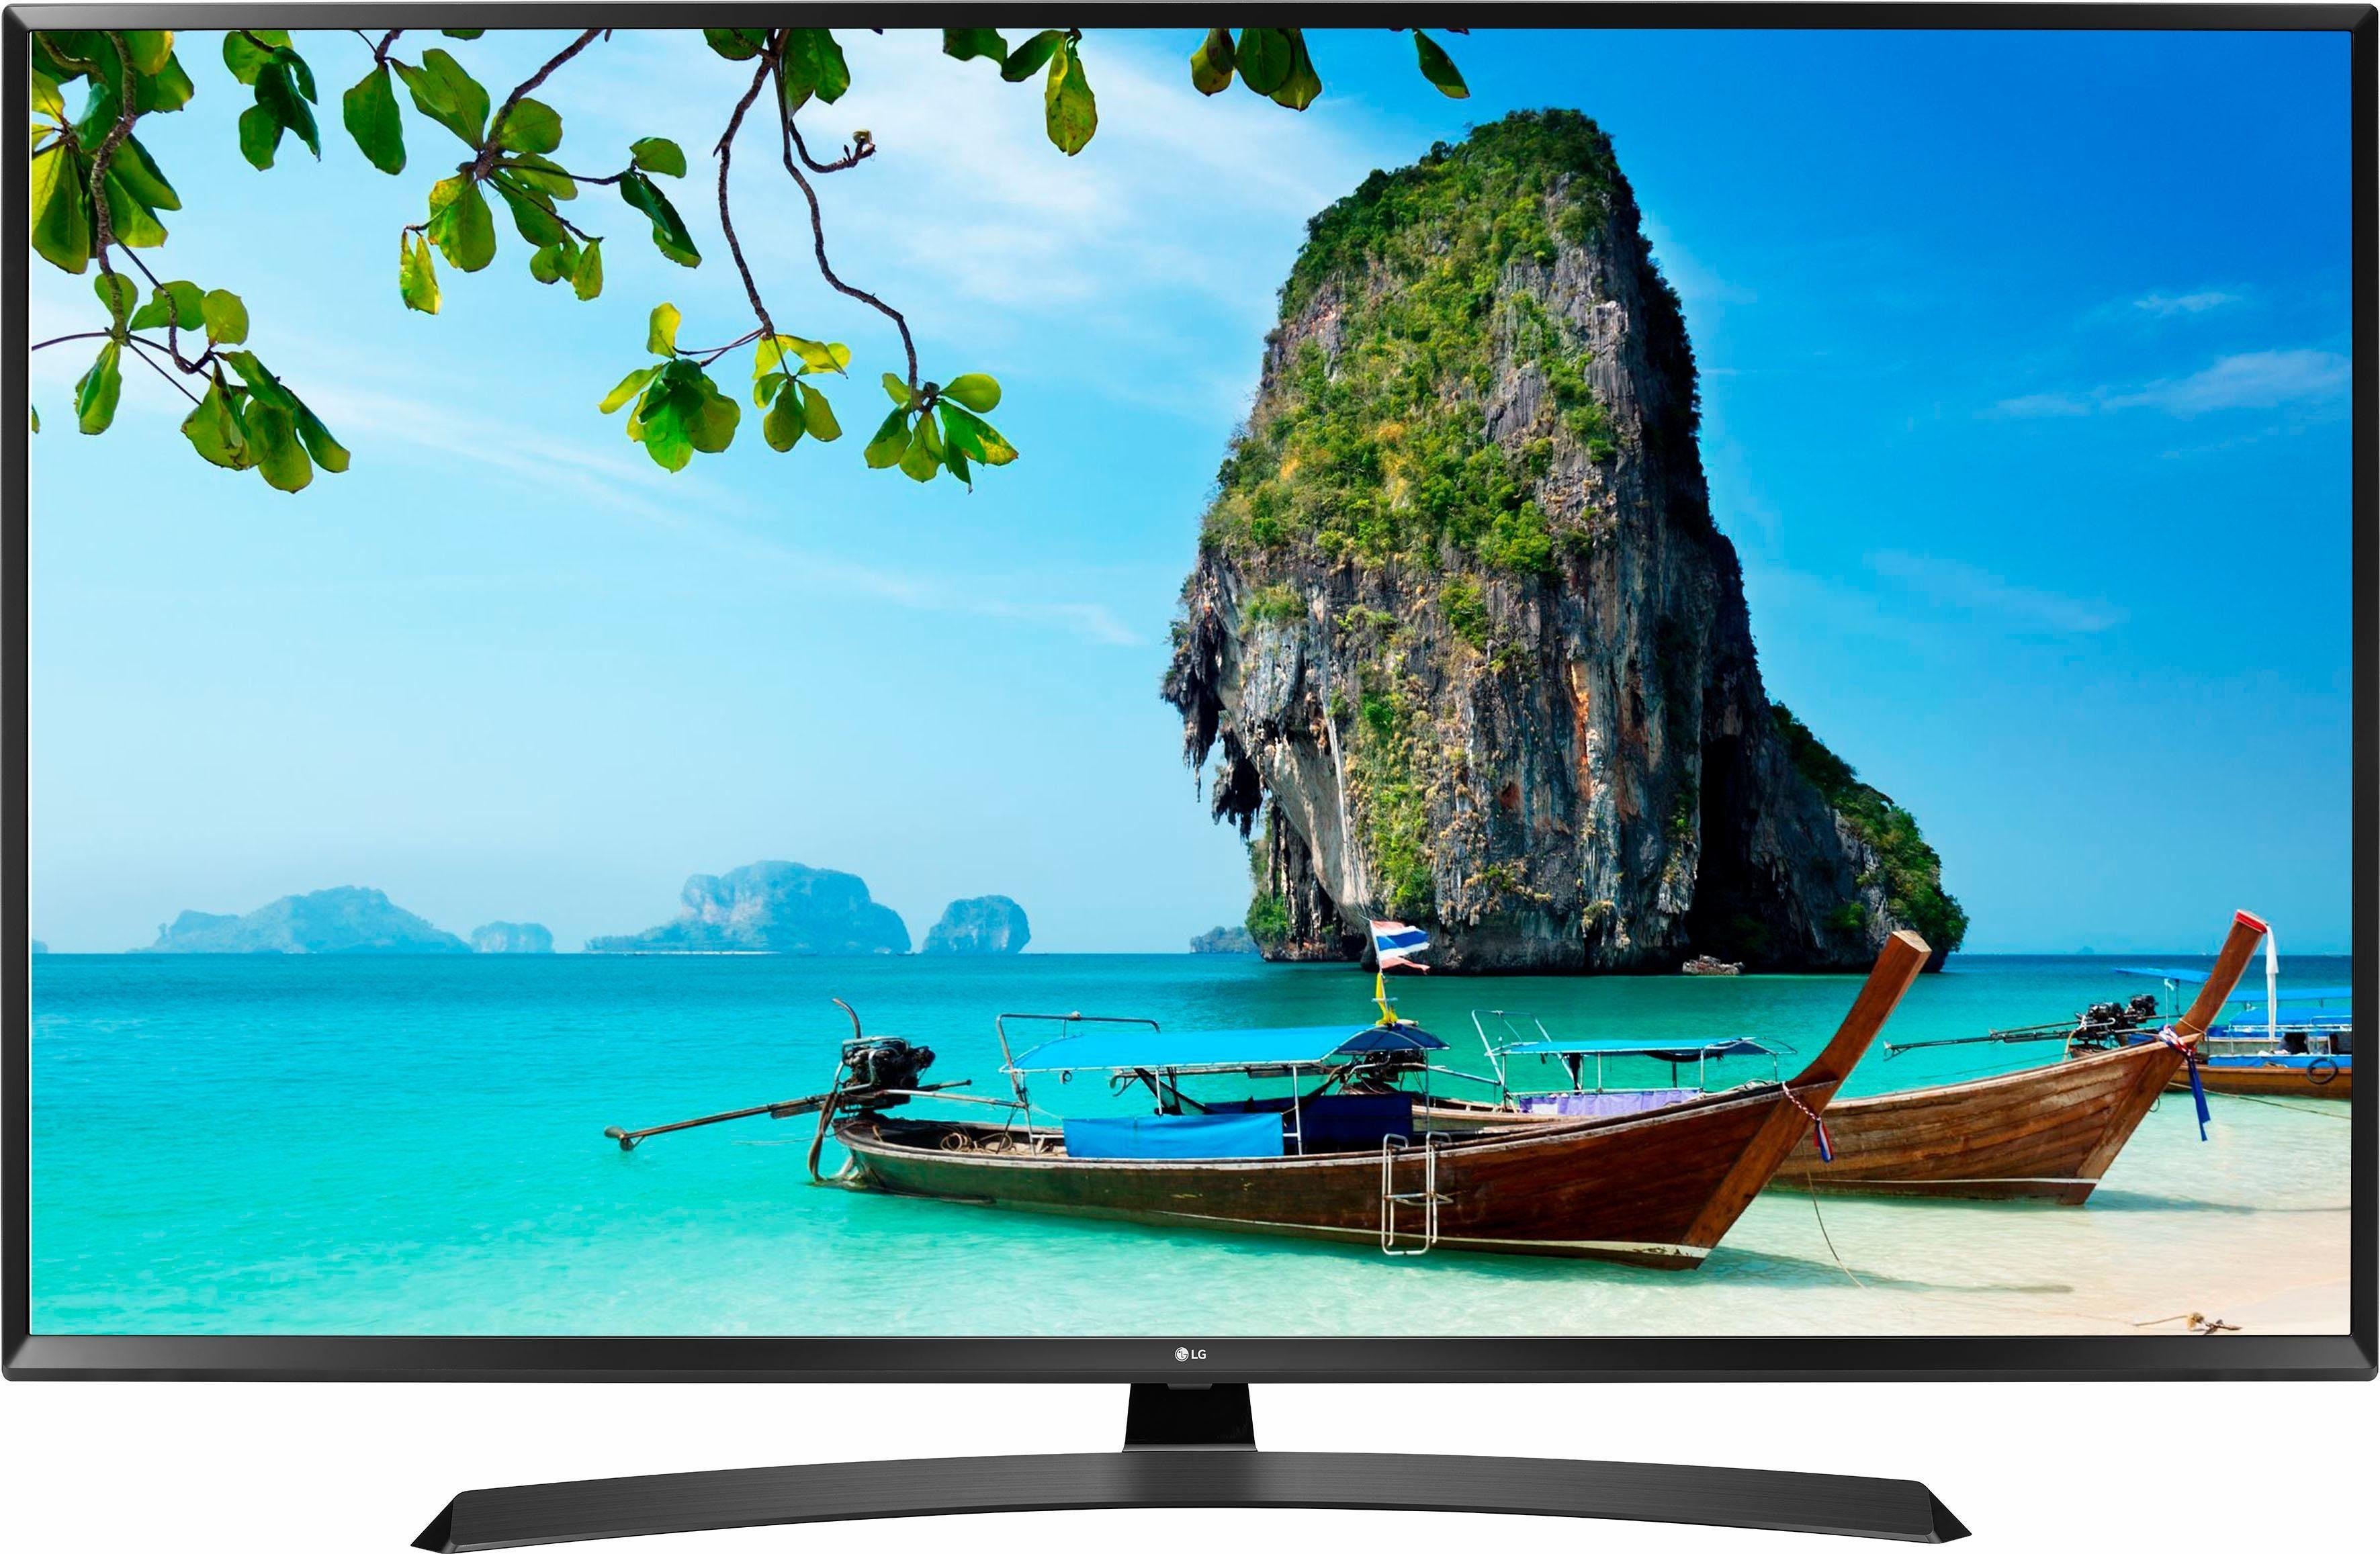 LG 55UJ635V LED-Fernseher (139 cm/55 Zoll, 4K Ultra HD, Smart-TV, 36 Monate Garantie)